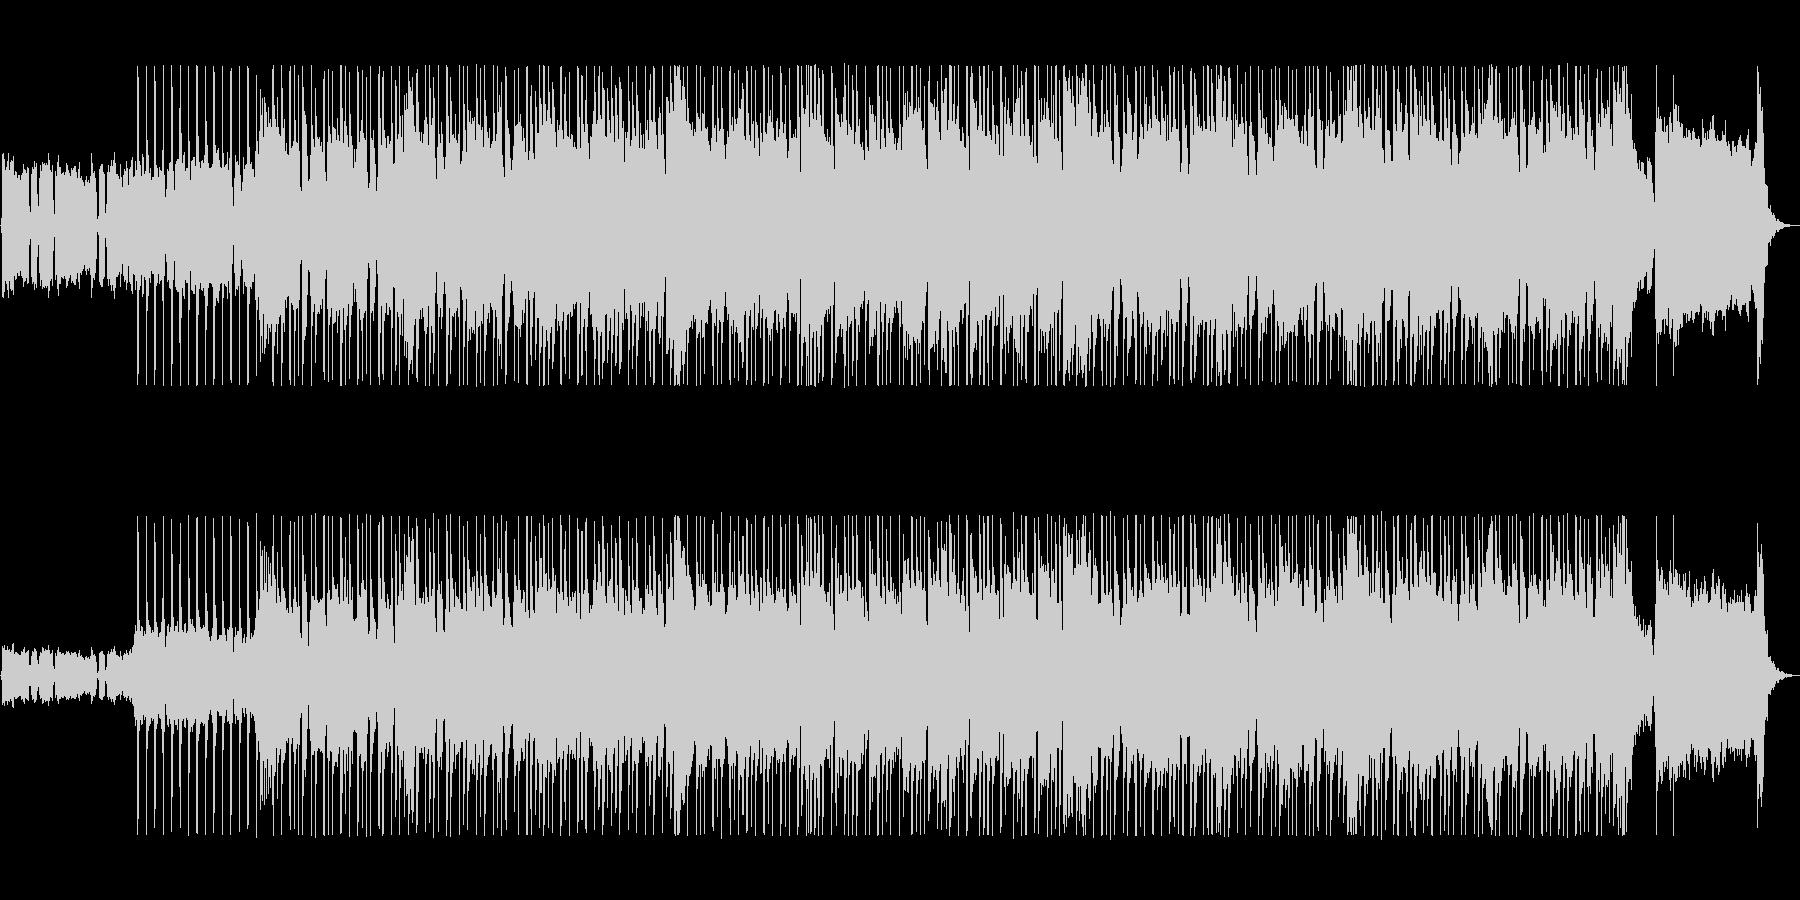 個性的なフレーズがクールなギターサウンドの未再生の波形